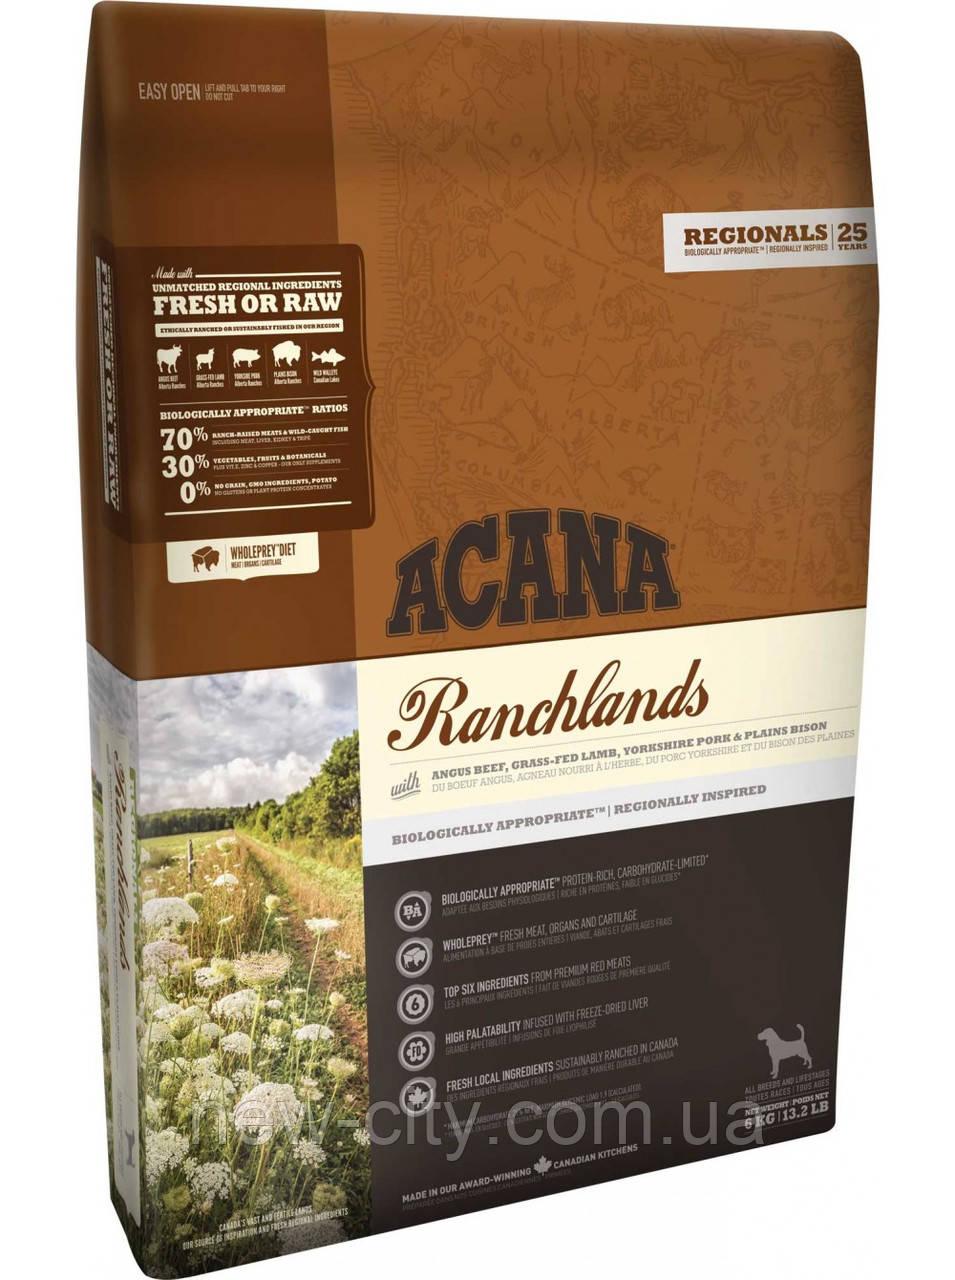 Acana Ranchlands Dog - корм Акана для собак всех пород и возрастов 11,4кг